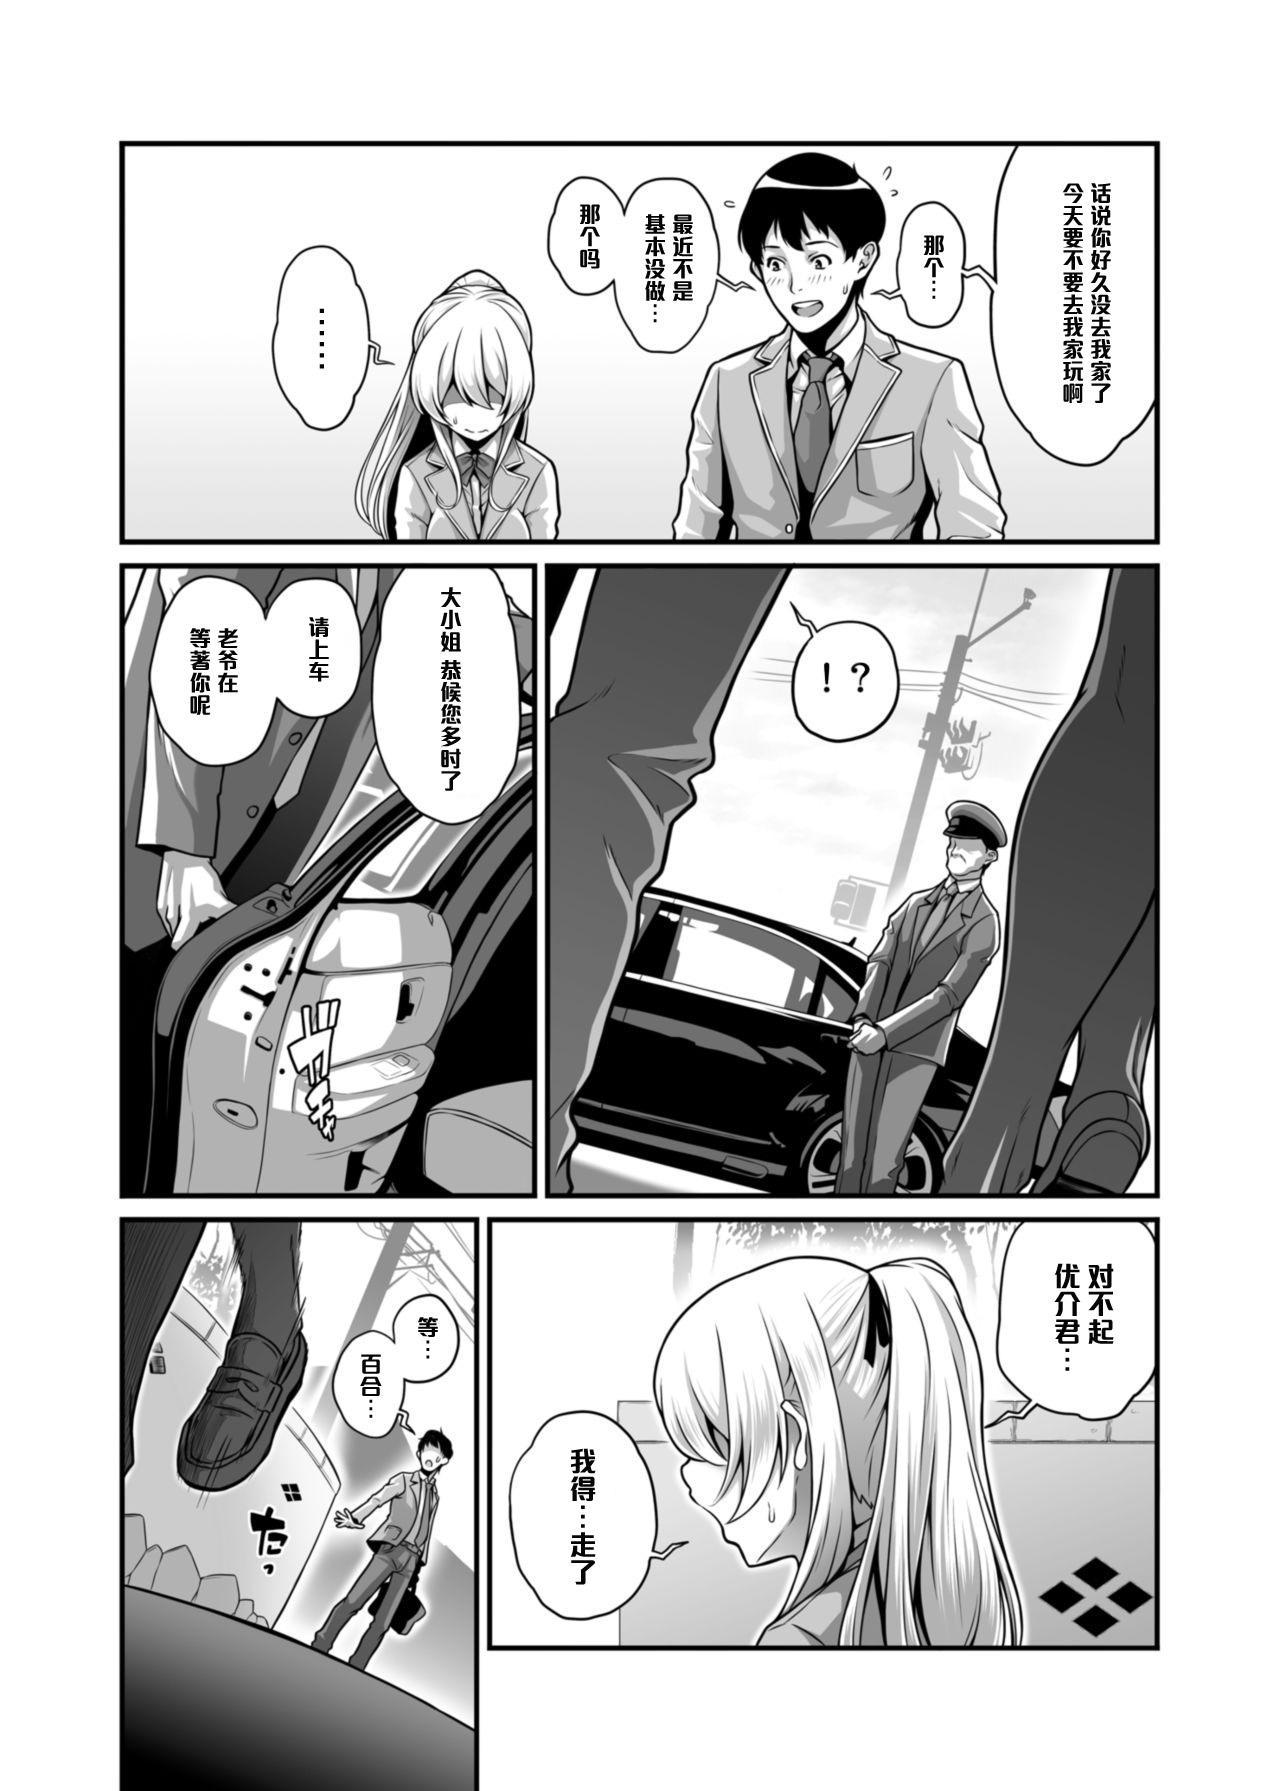 Daraku Reijou Hakoiri Ojou-sama Netorare Choukyou Kiroku 2